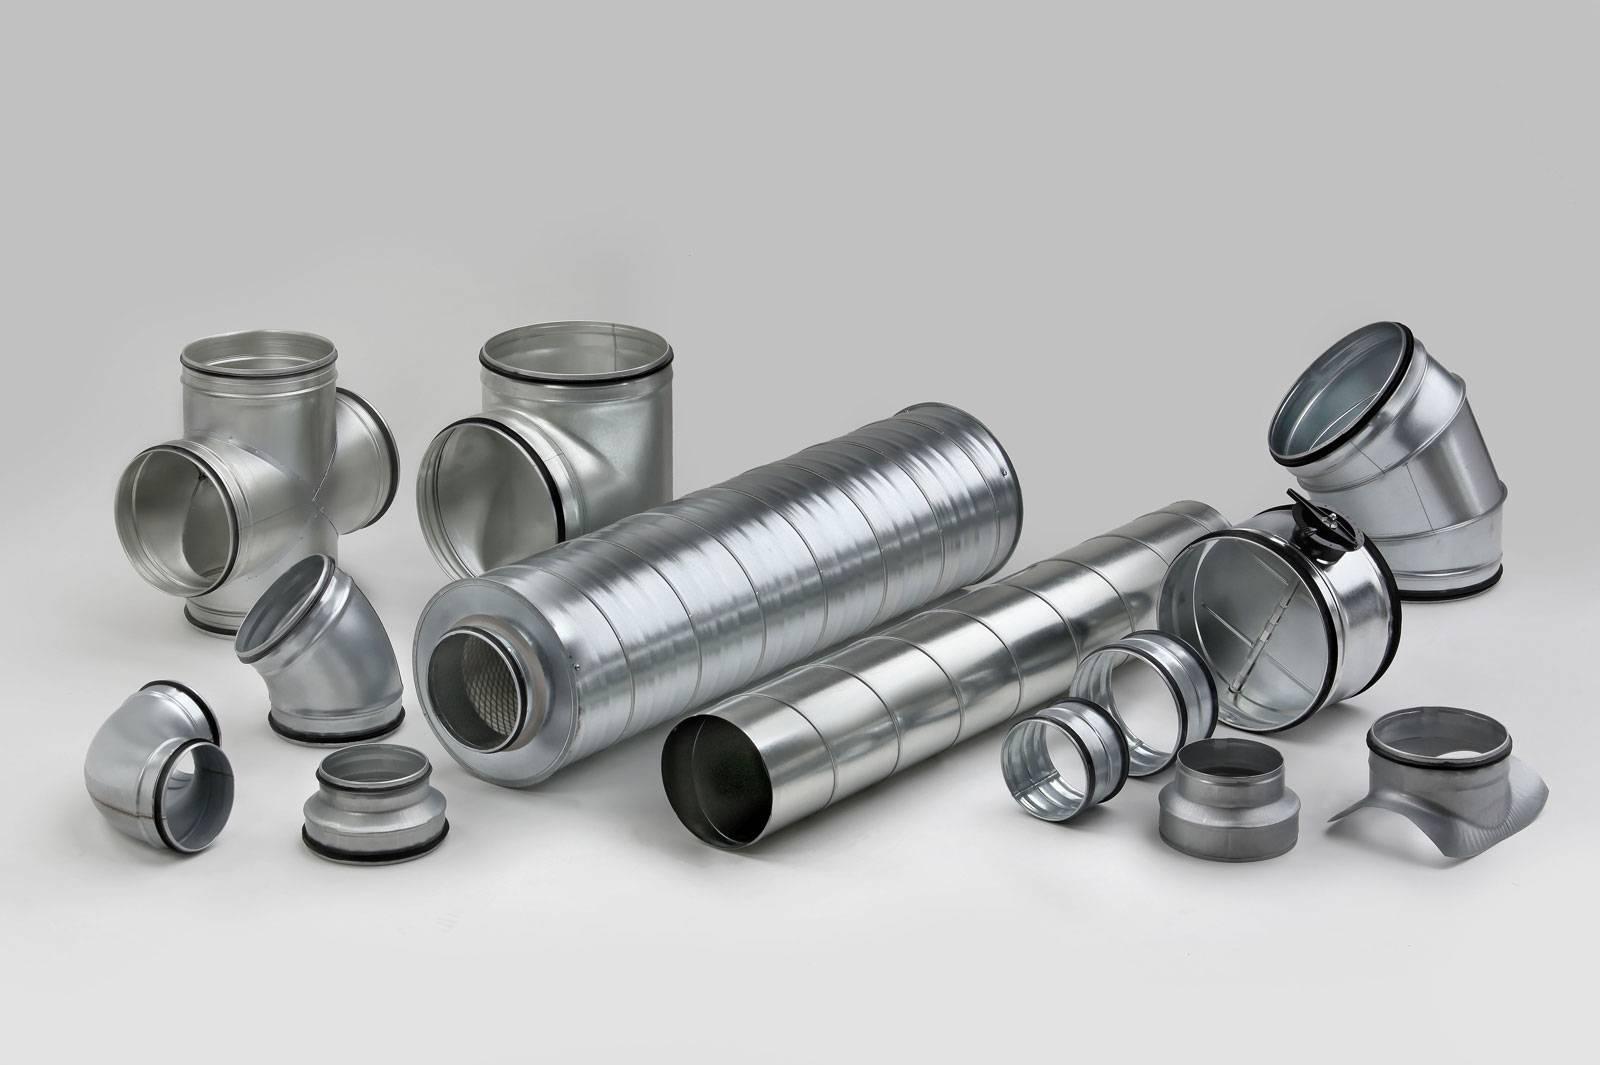 Почему воздуховоды вентиляции имеют круглую и прямоугольную форму: выбираем воздуховод: круглый или прямоугольный – почему воздуховоды вентиляции имеют круглую и прямоугольную форму?